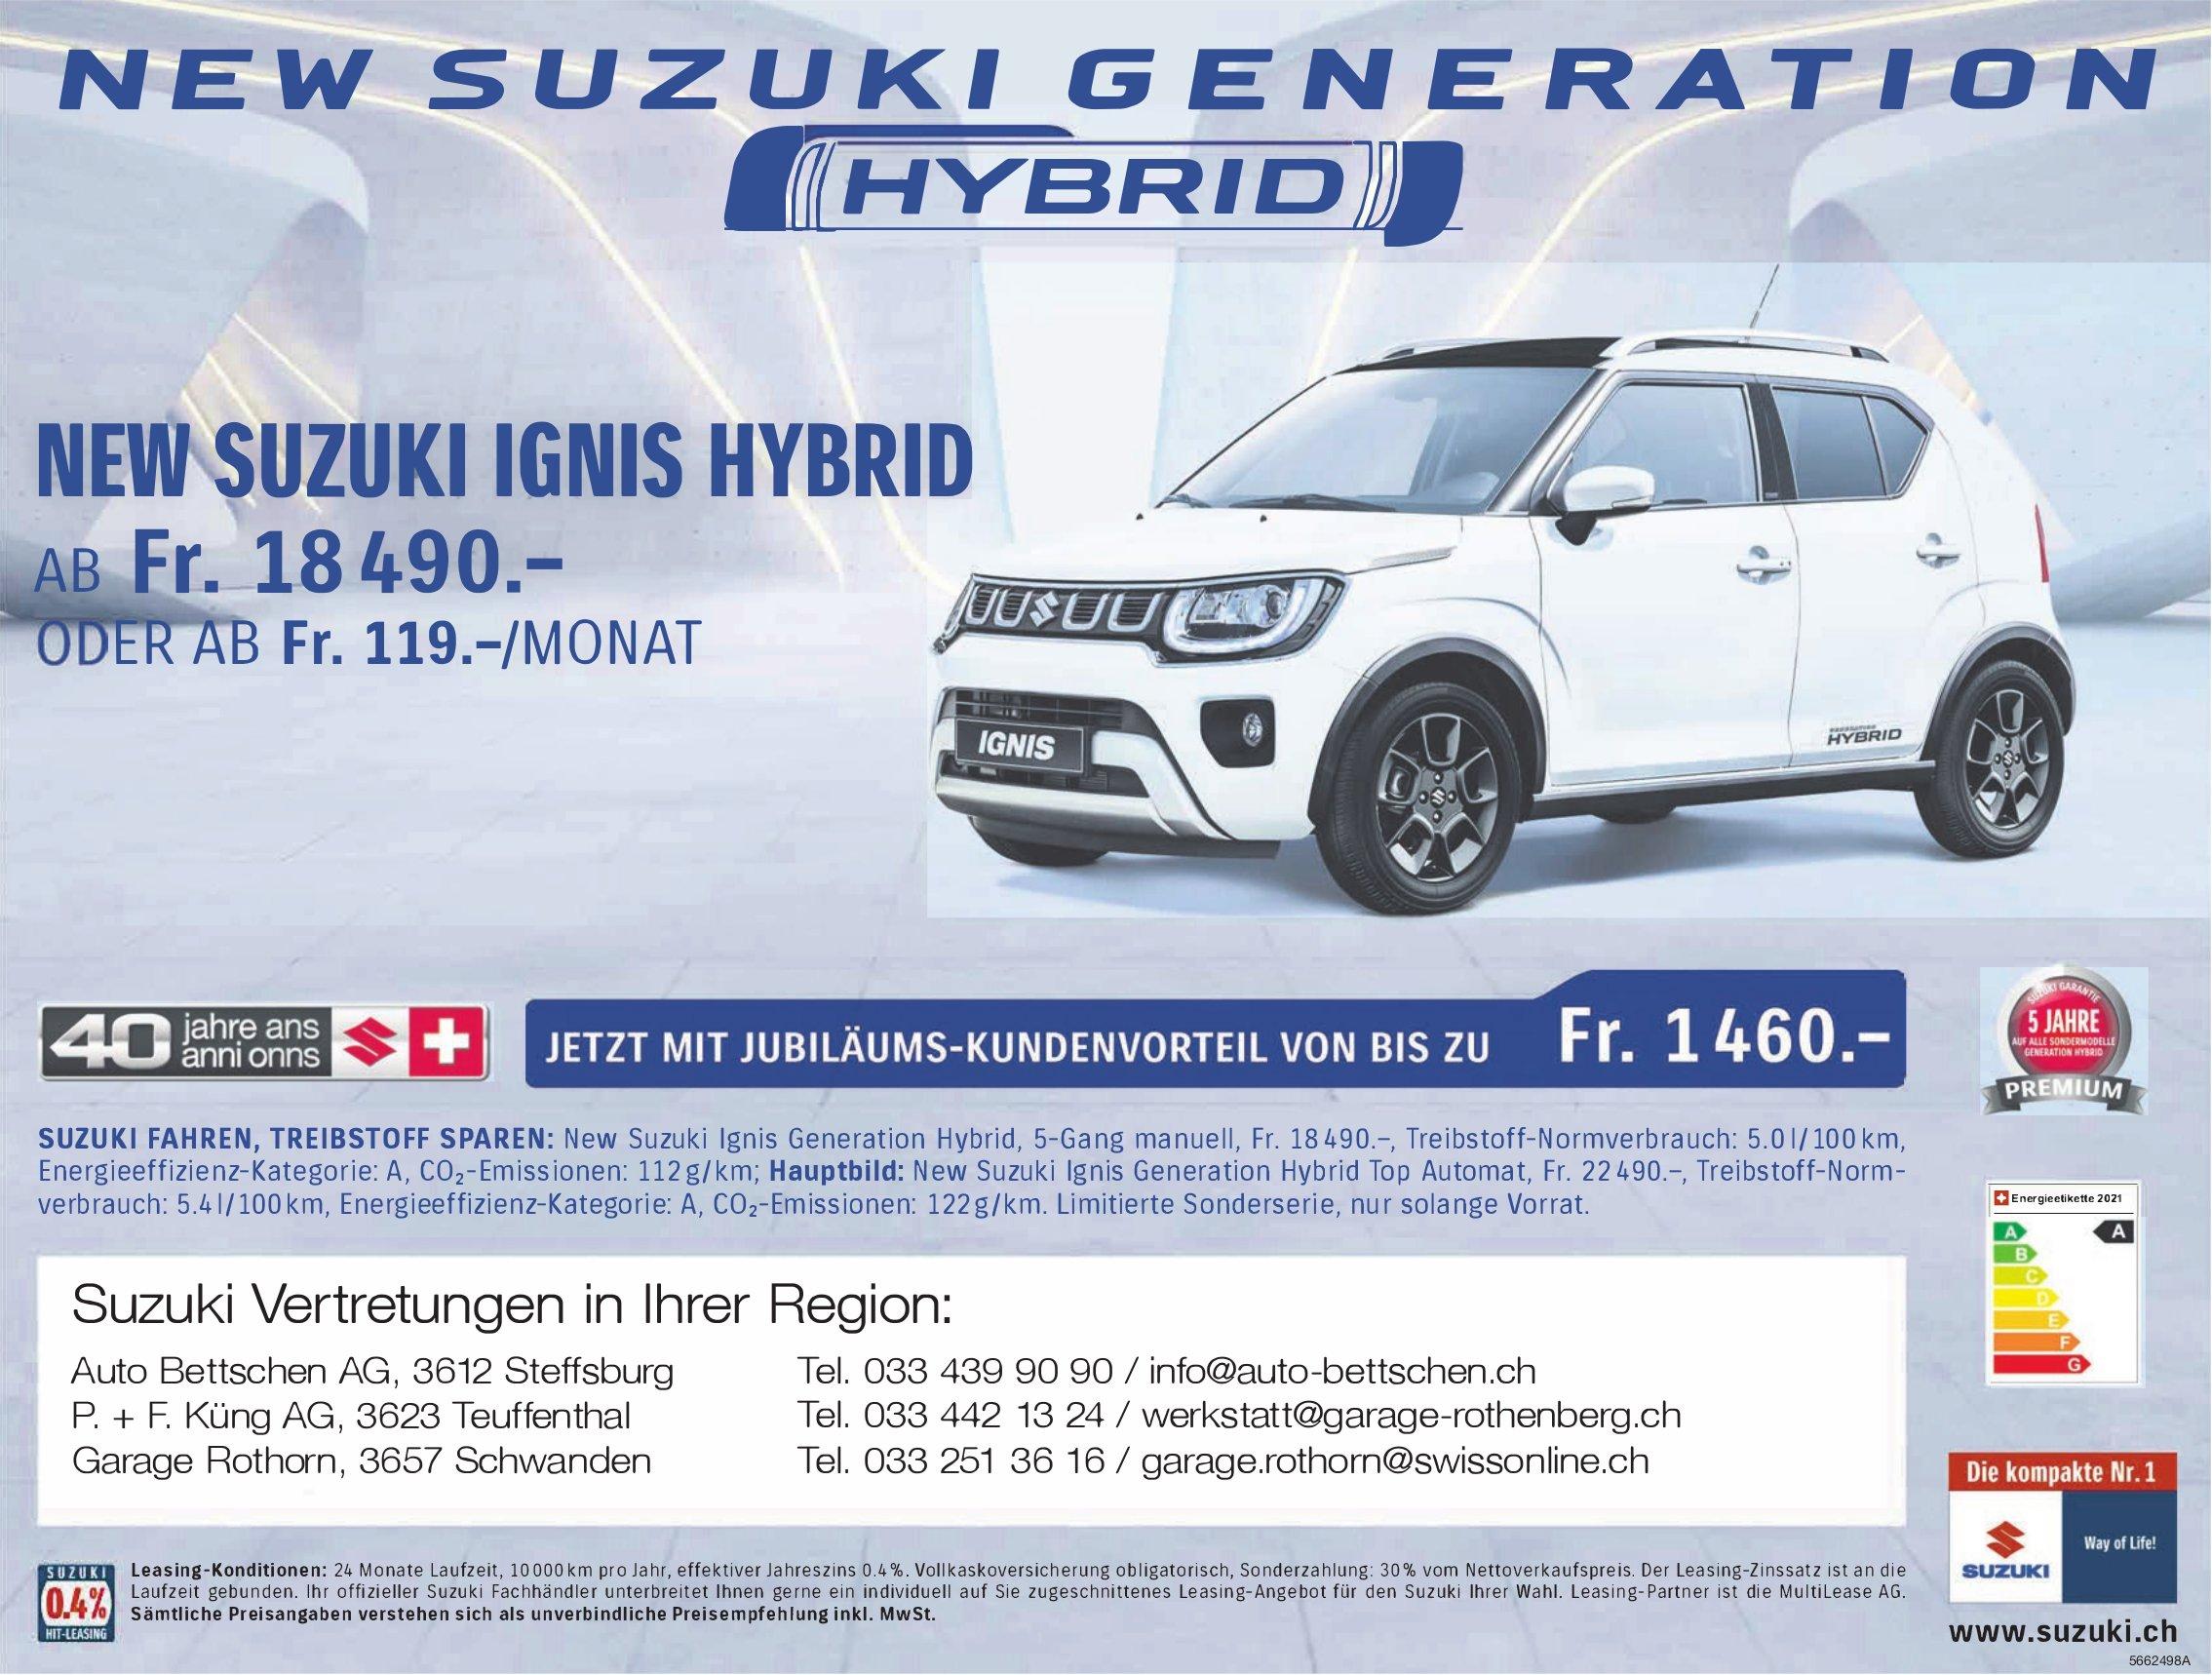 Auto Bettschen AG, Steffisburg - New SUZUKI Generation Hybrid